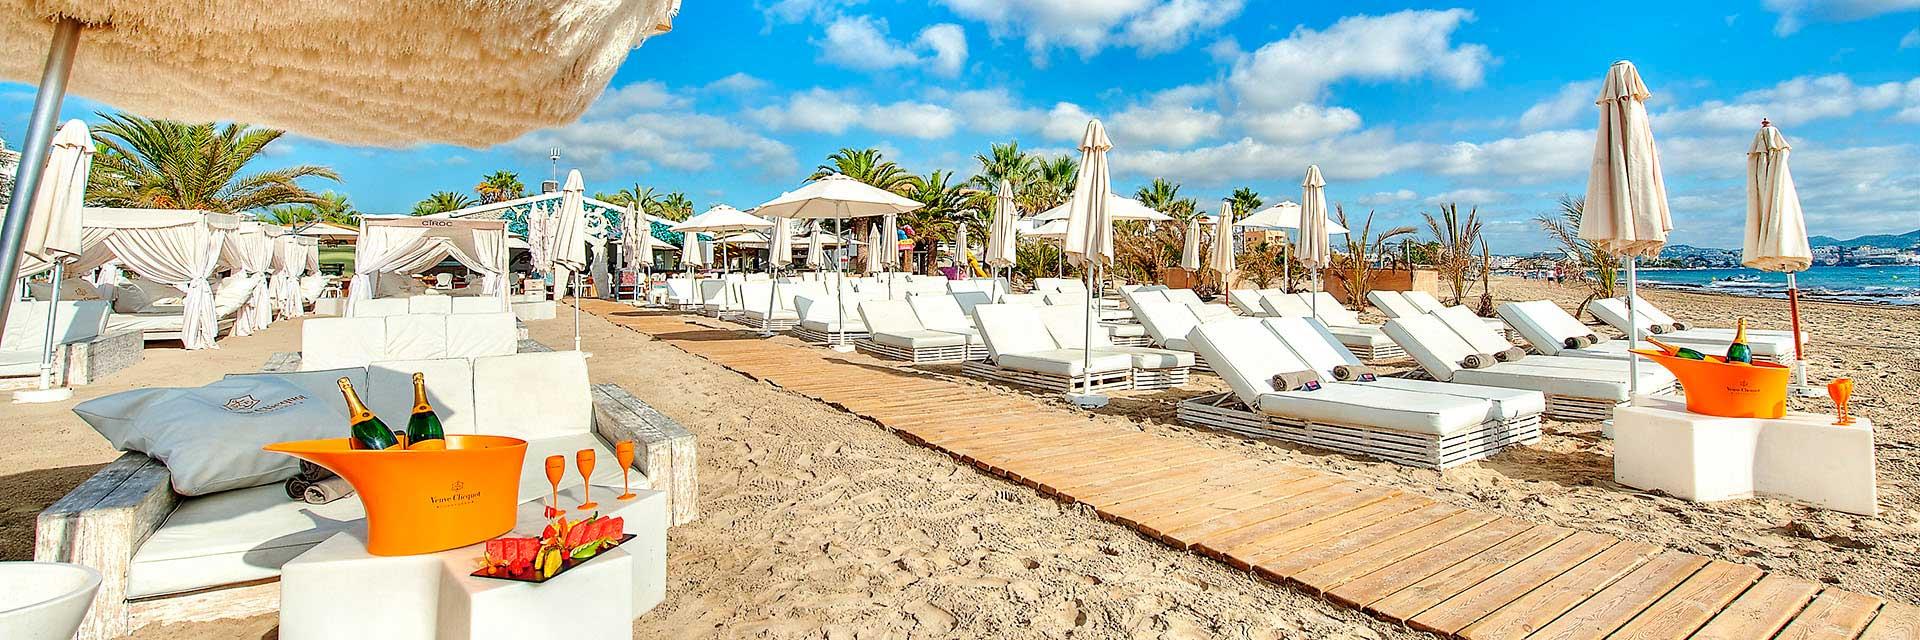 Ibiza + experiencias a la carta